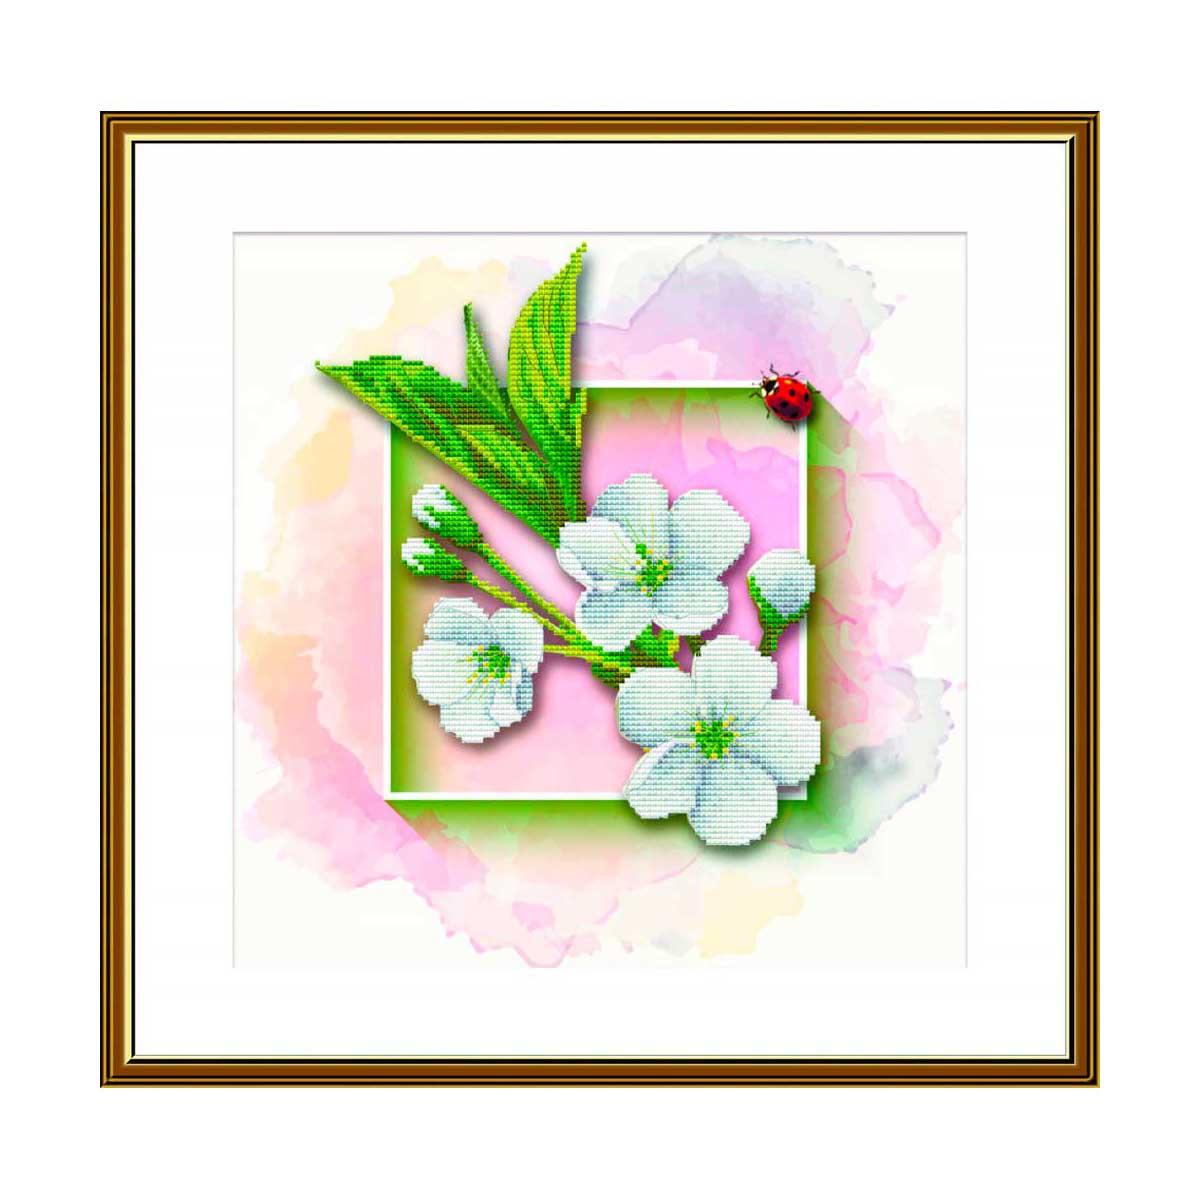 СВ4502 Набор для вышивания 'Фруктовый сад. Яблоня'25 x 25 см